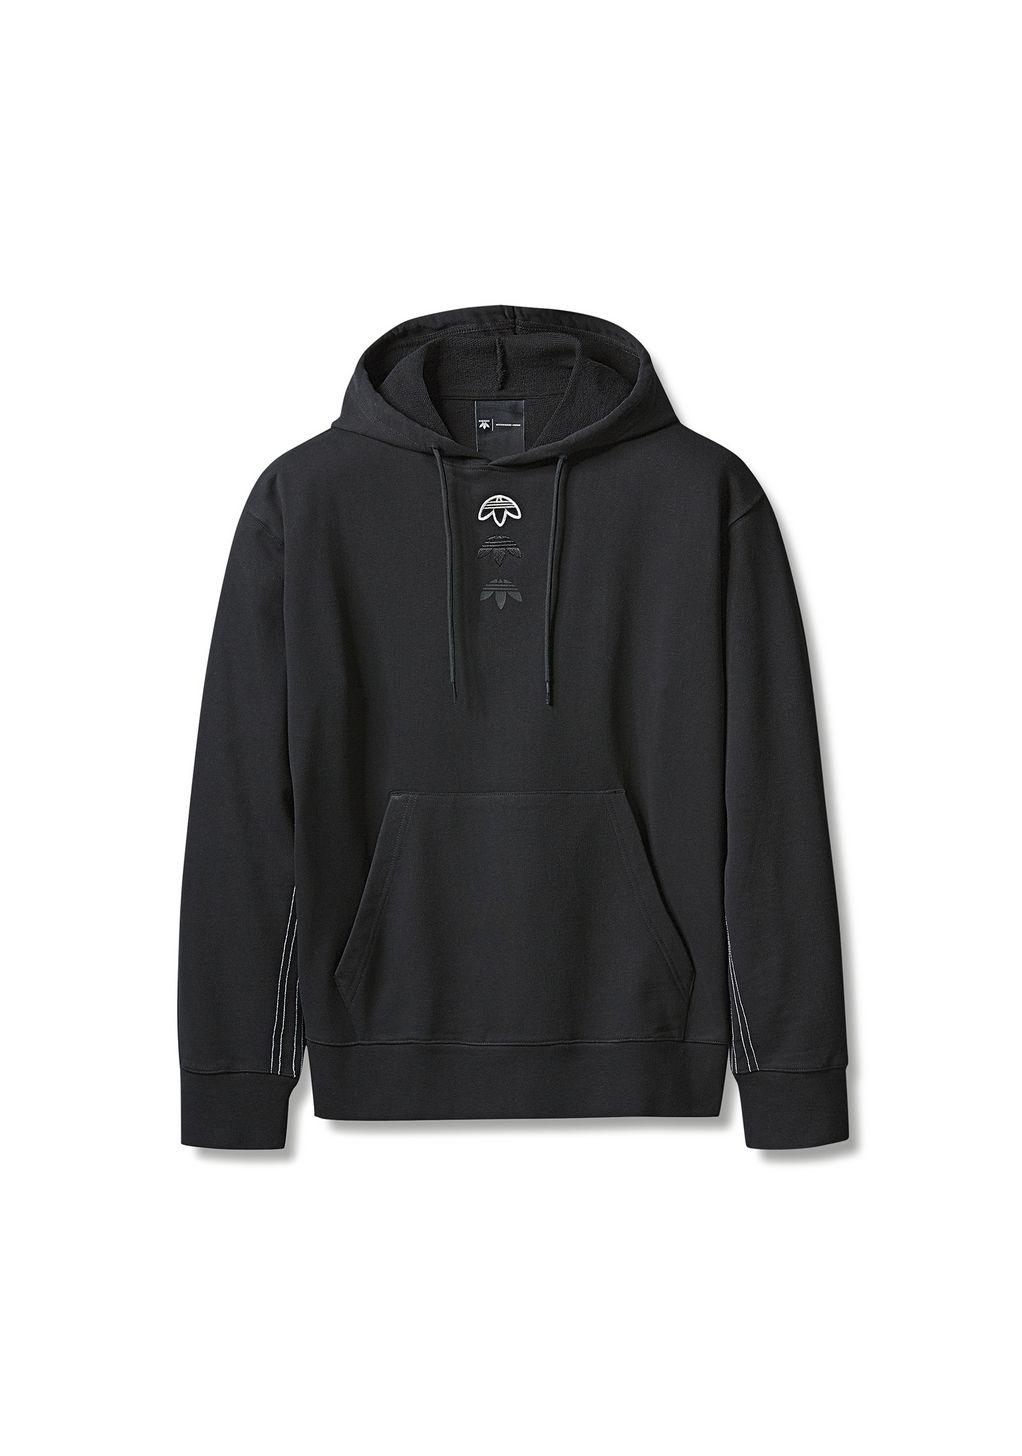 Adidas Originals By Aw Logo Hoodie Kangaroo 2 Colors Kingdom Mesenger Bag M L Xl 12025574xc 13 N F